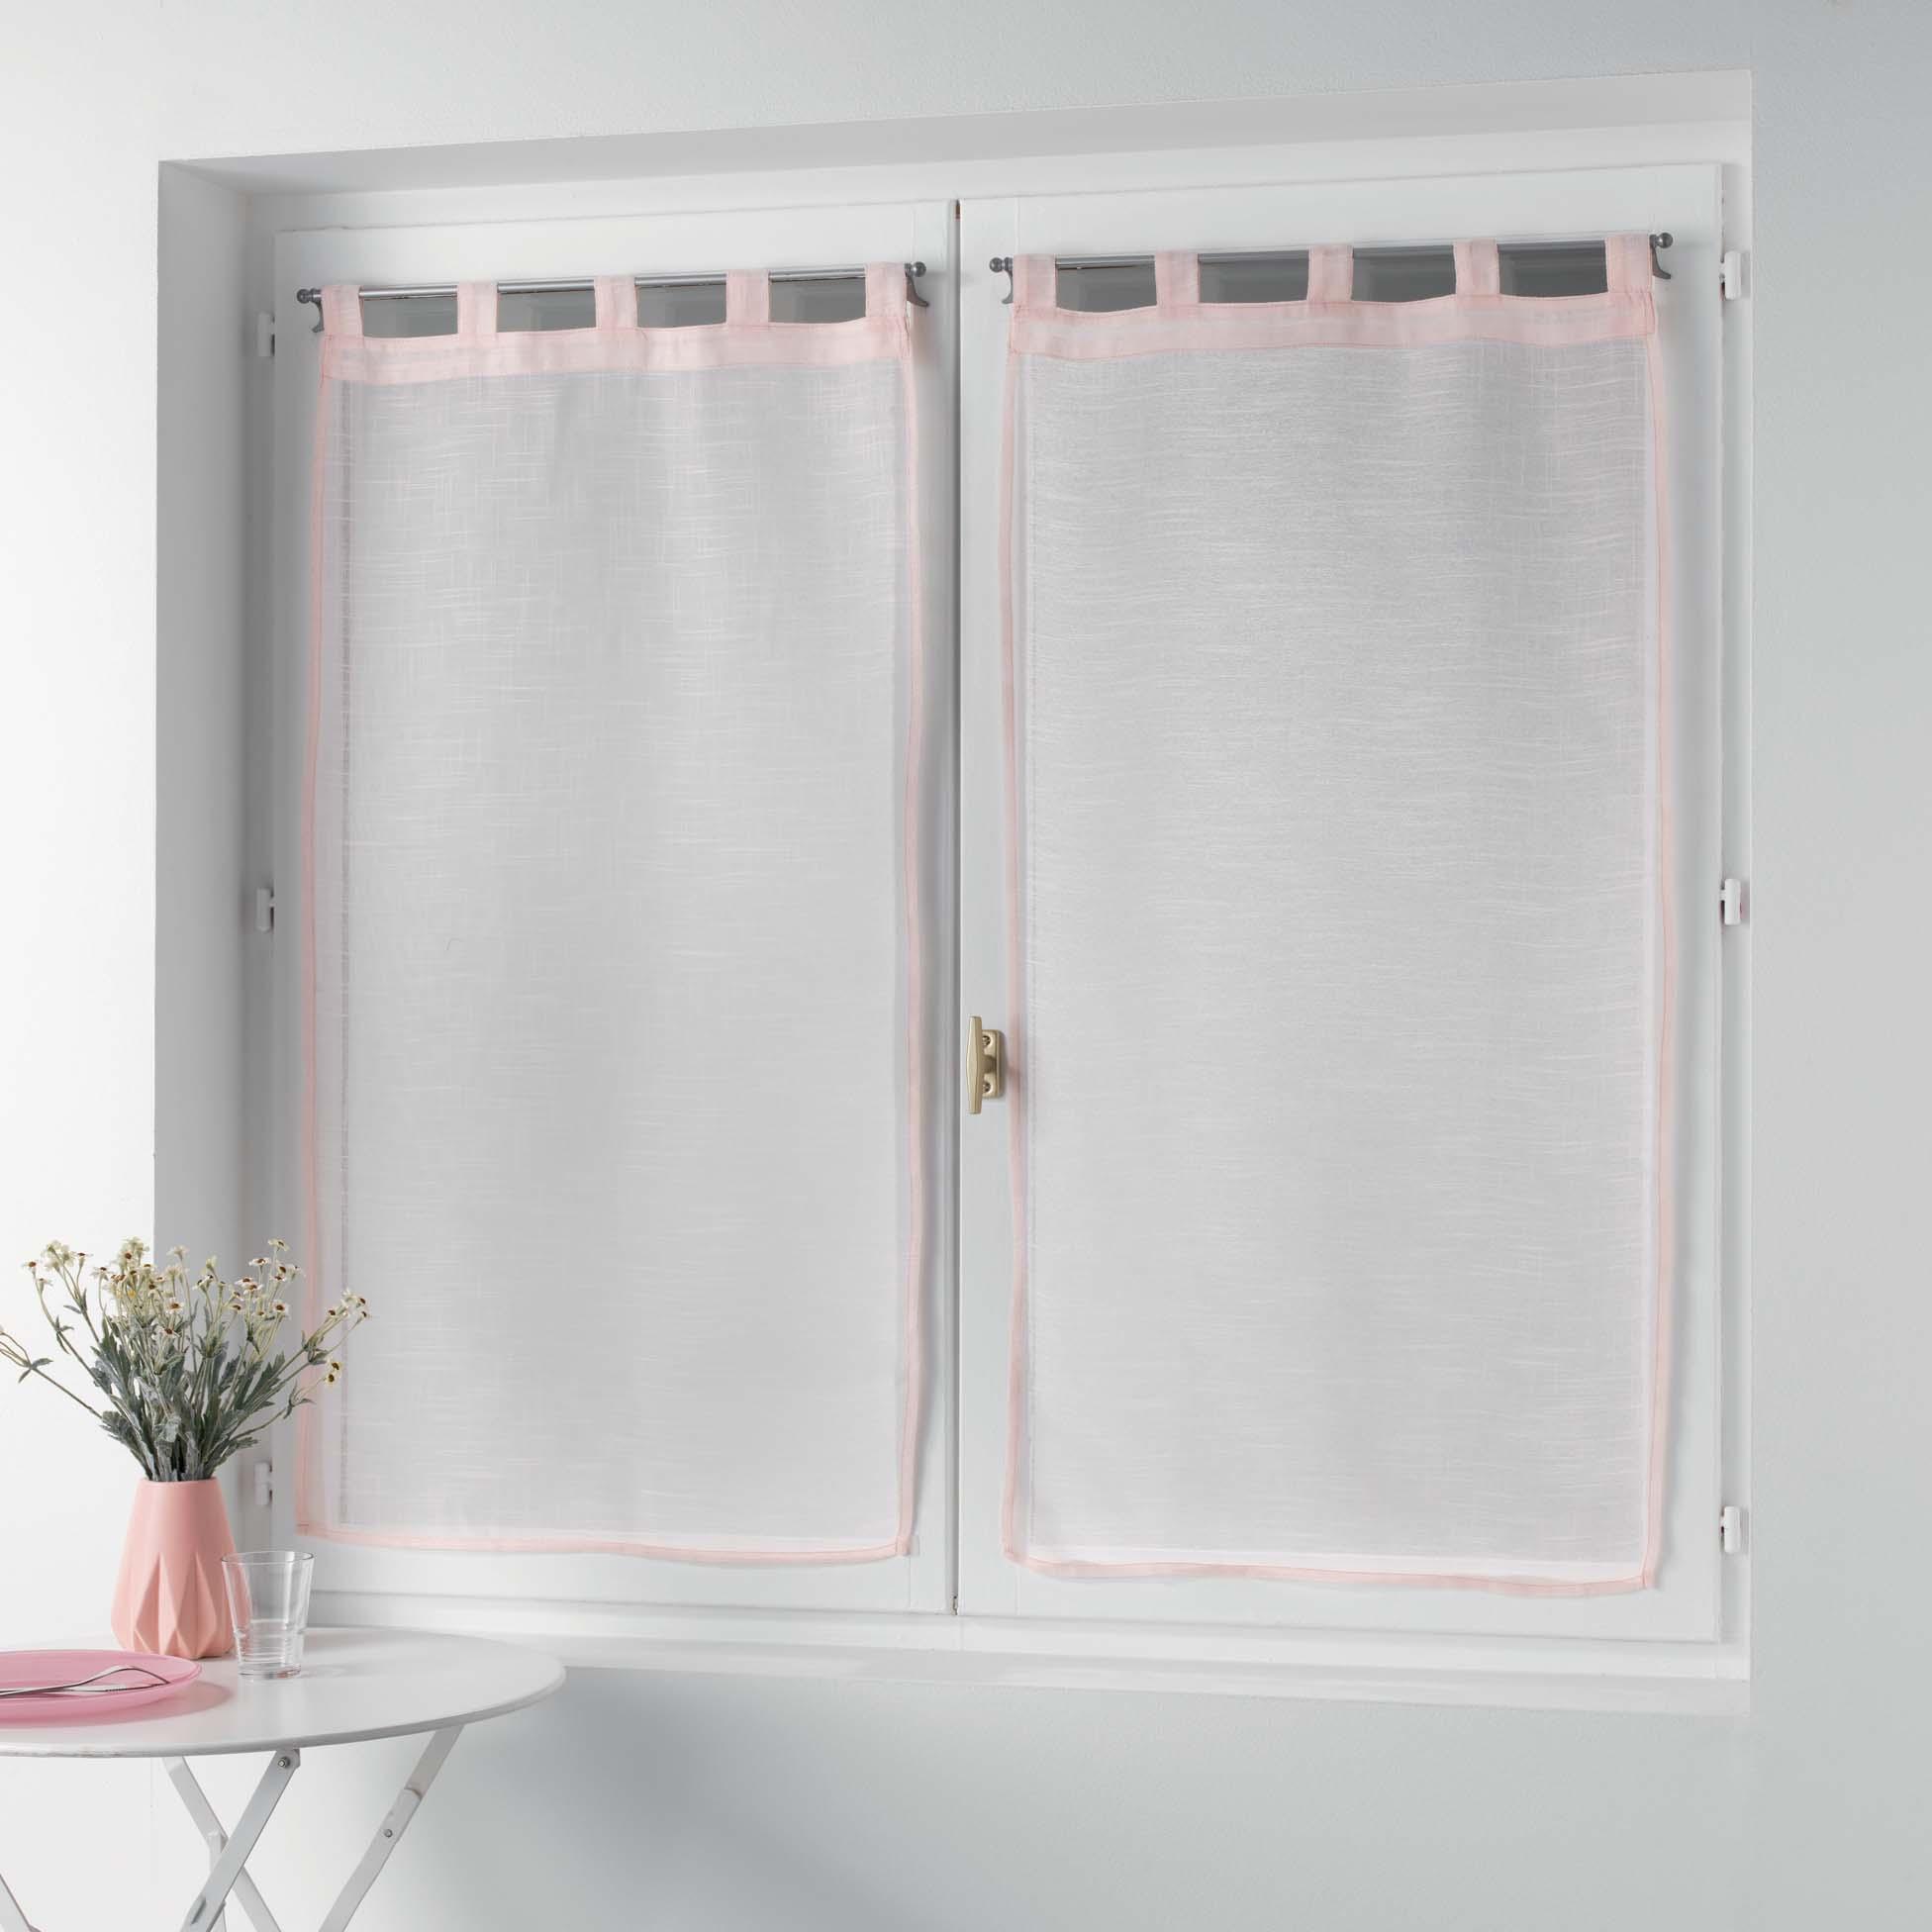 Petits vitrages droits à passants unis polyester rose 120x60